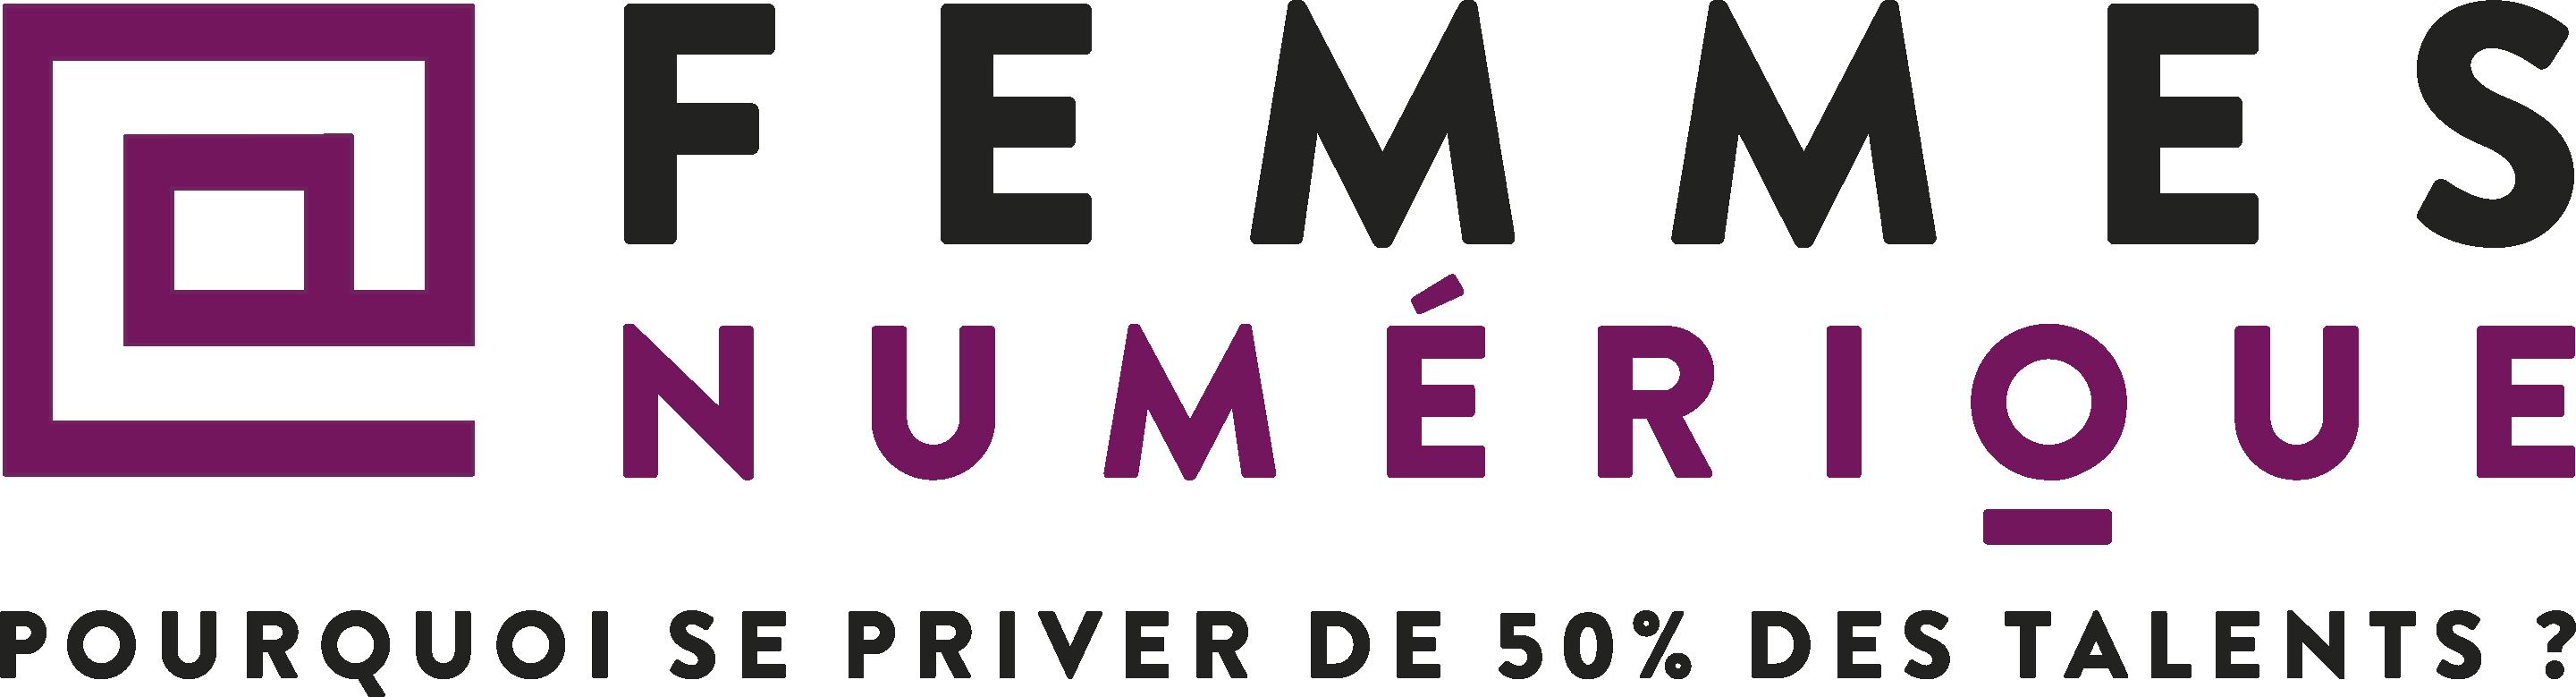 Logo_Femmes_Numerique_RVB